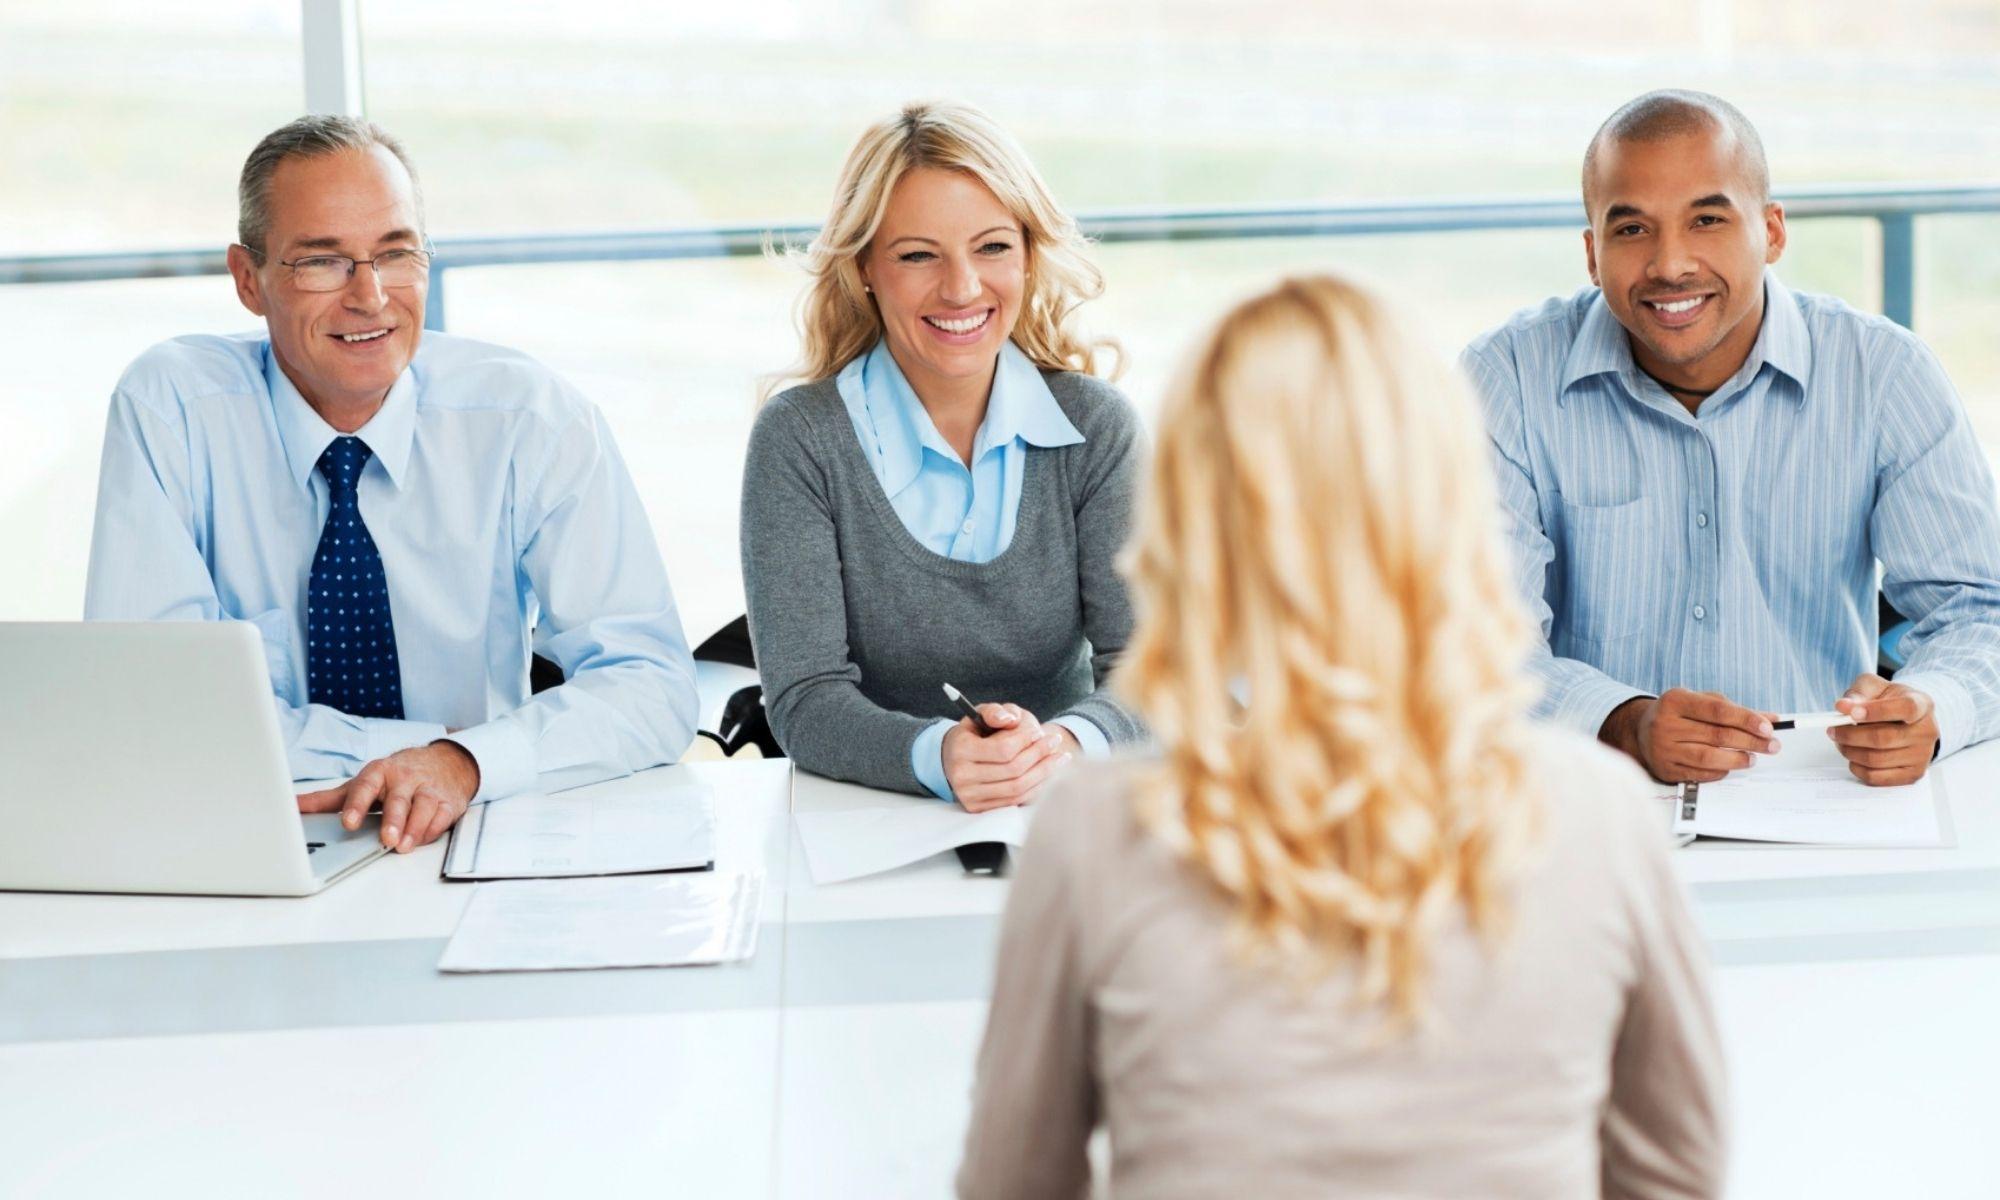 Пример собеседования при приеме на работу диалог, ответы на вопросы